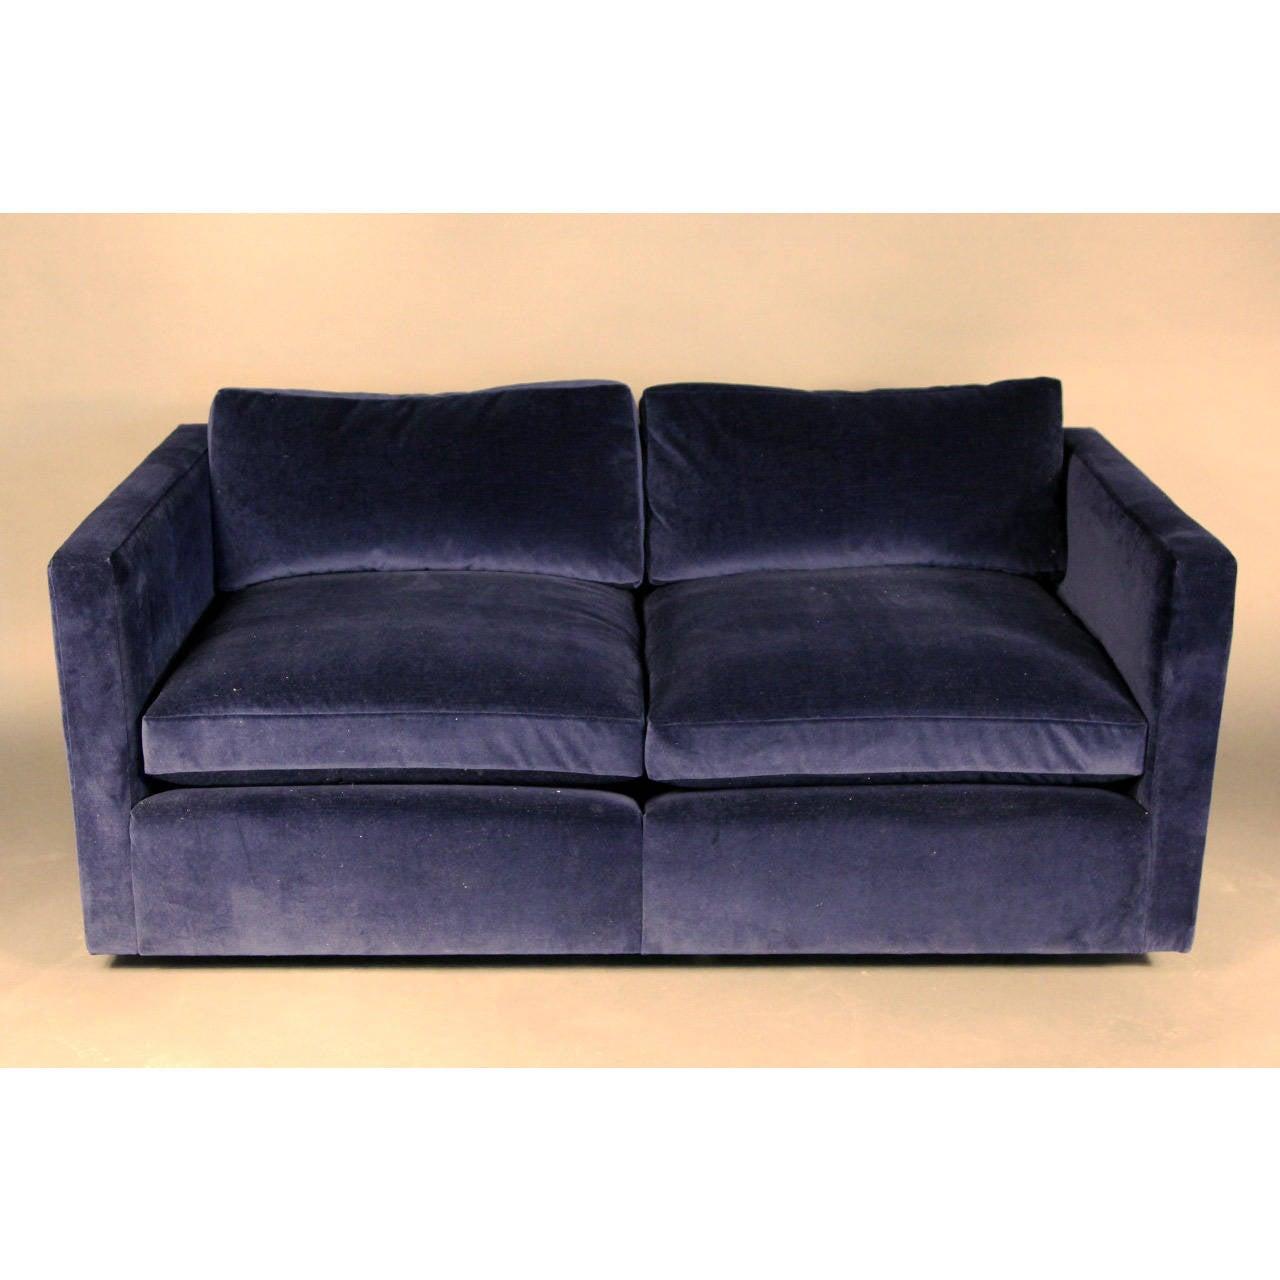 Knoll Velvet Upholstered Loveseat Sofa Image 2